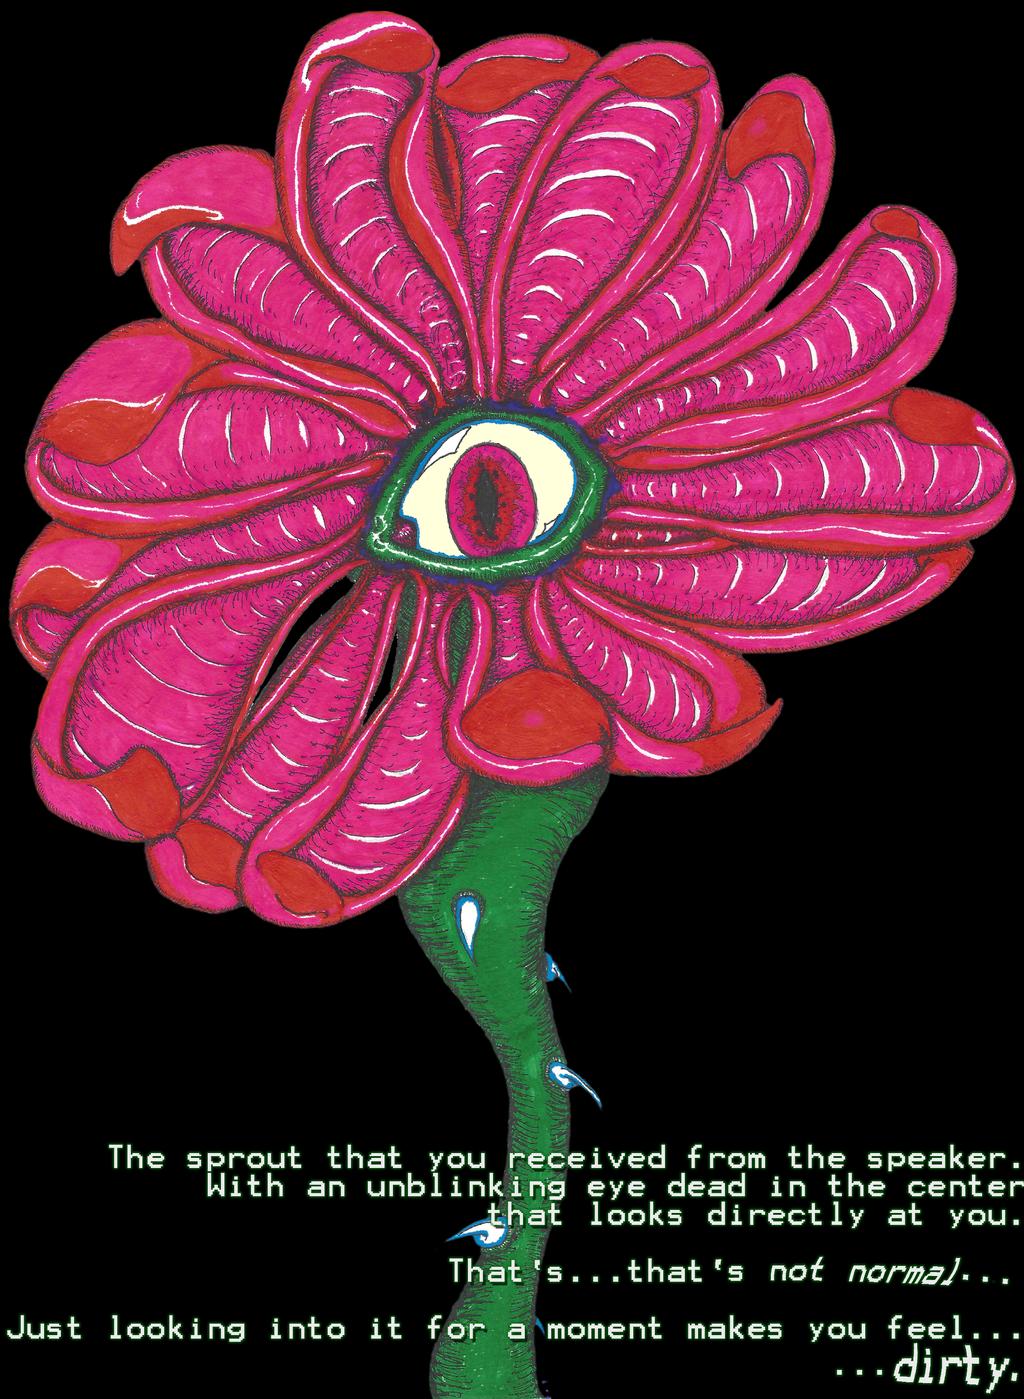 An eldritch flower